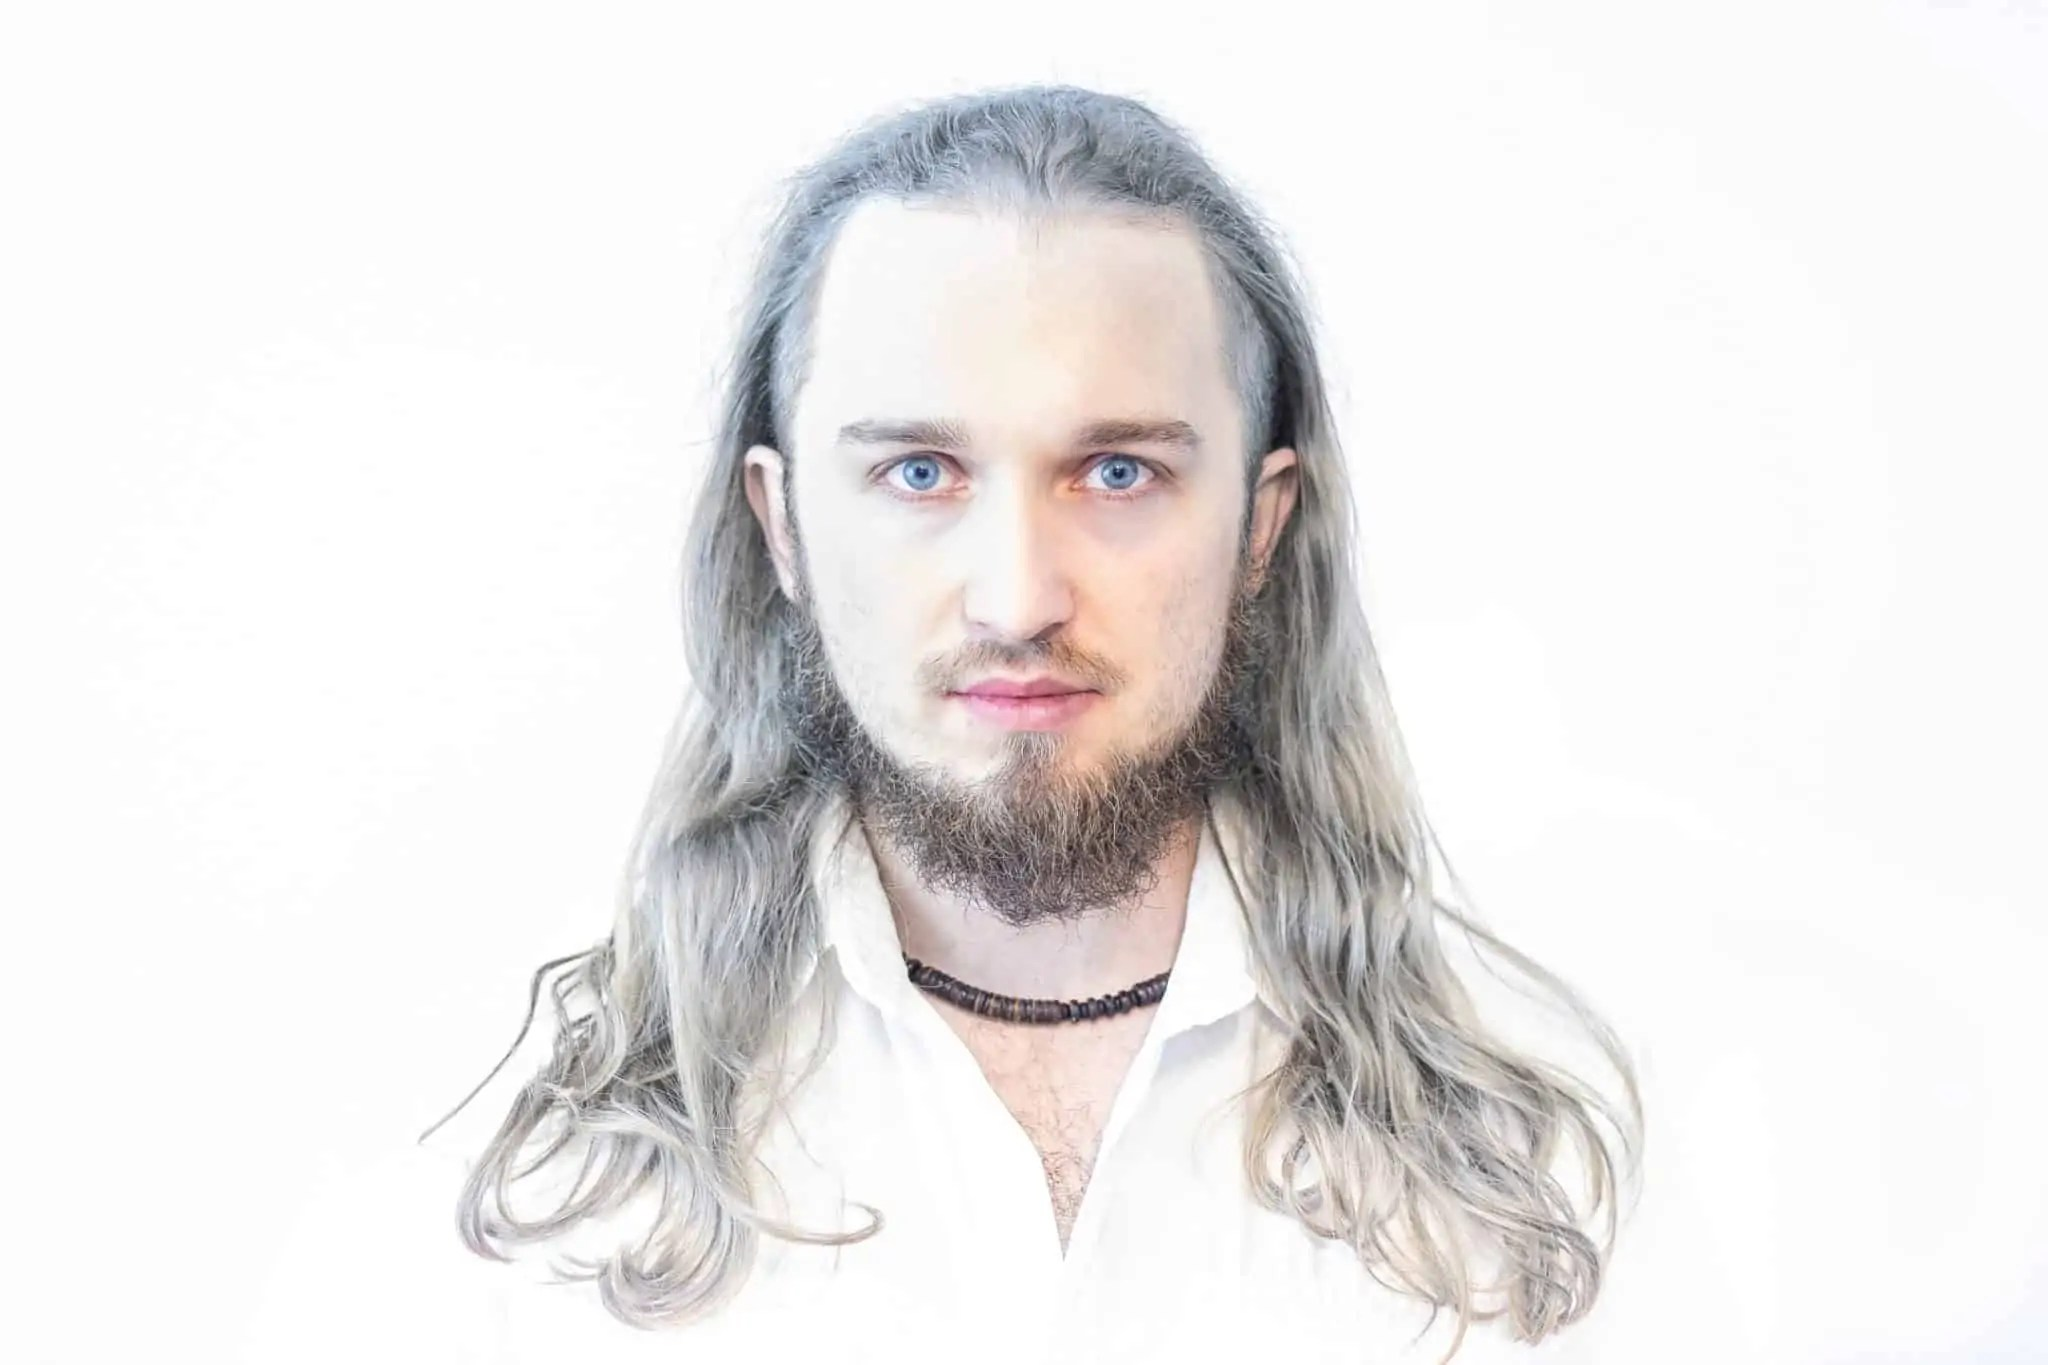 Biały portret wiedźmin Kowcio scaled - Biały portret na białym tle